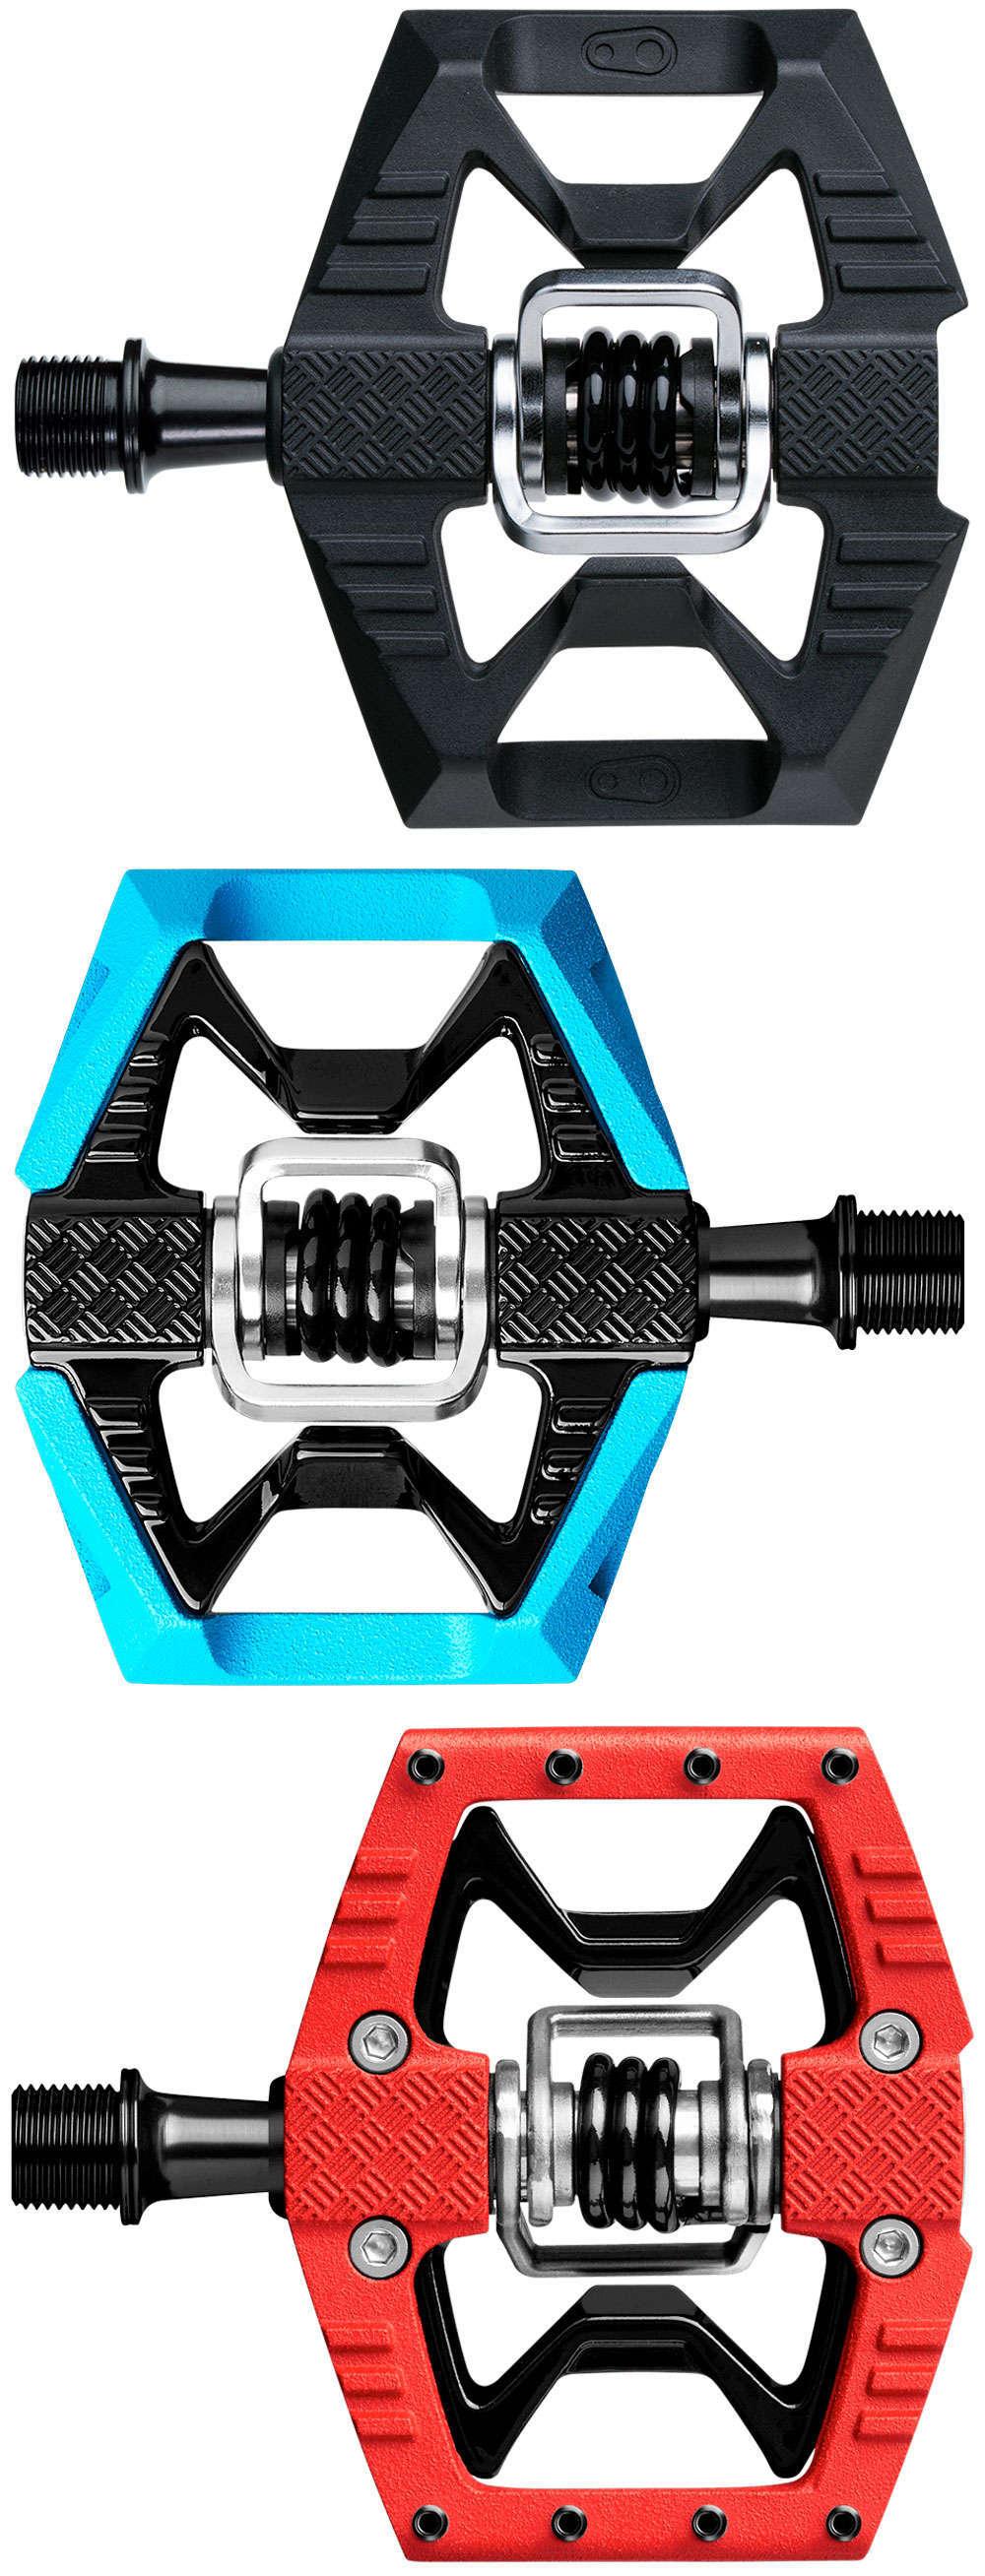 En TodoMountainBike: Crankbrothers Double Shot 1, unos pedales mixtos ideales para iniciarse con los automáticos